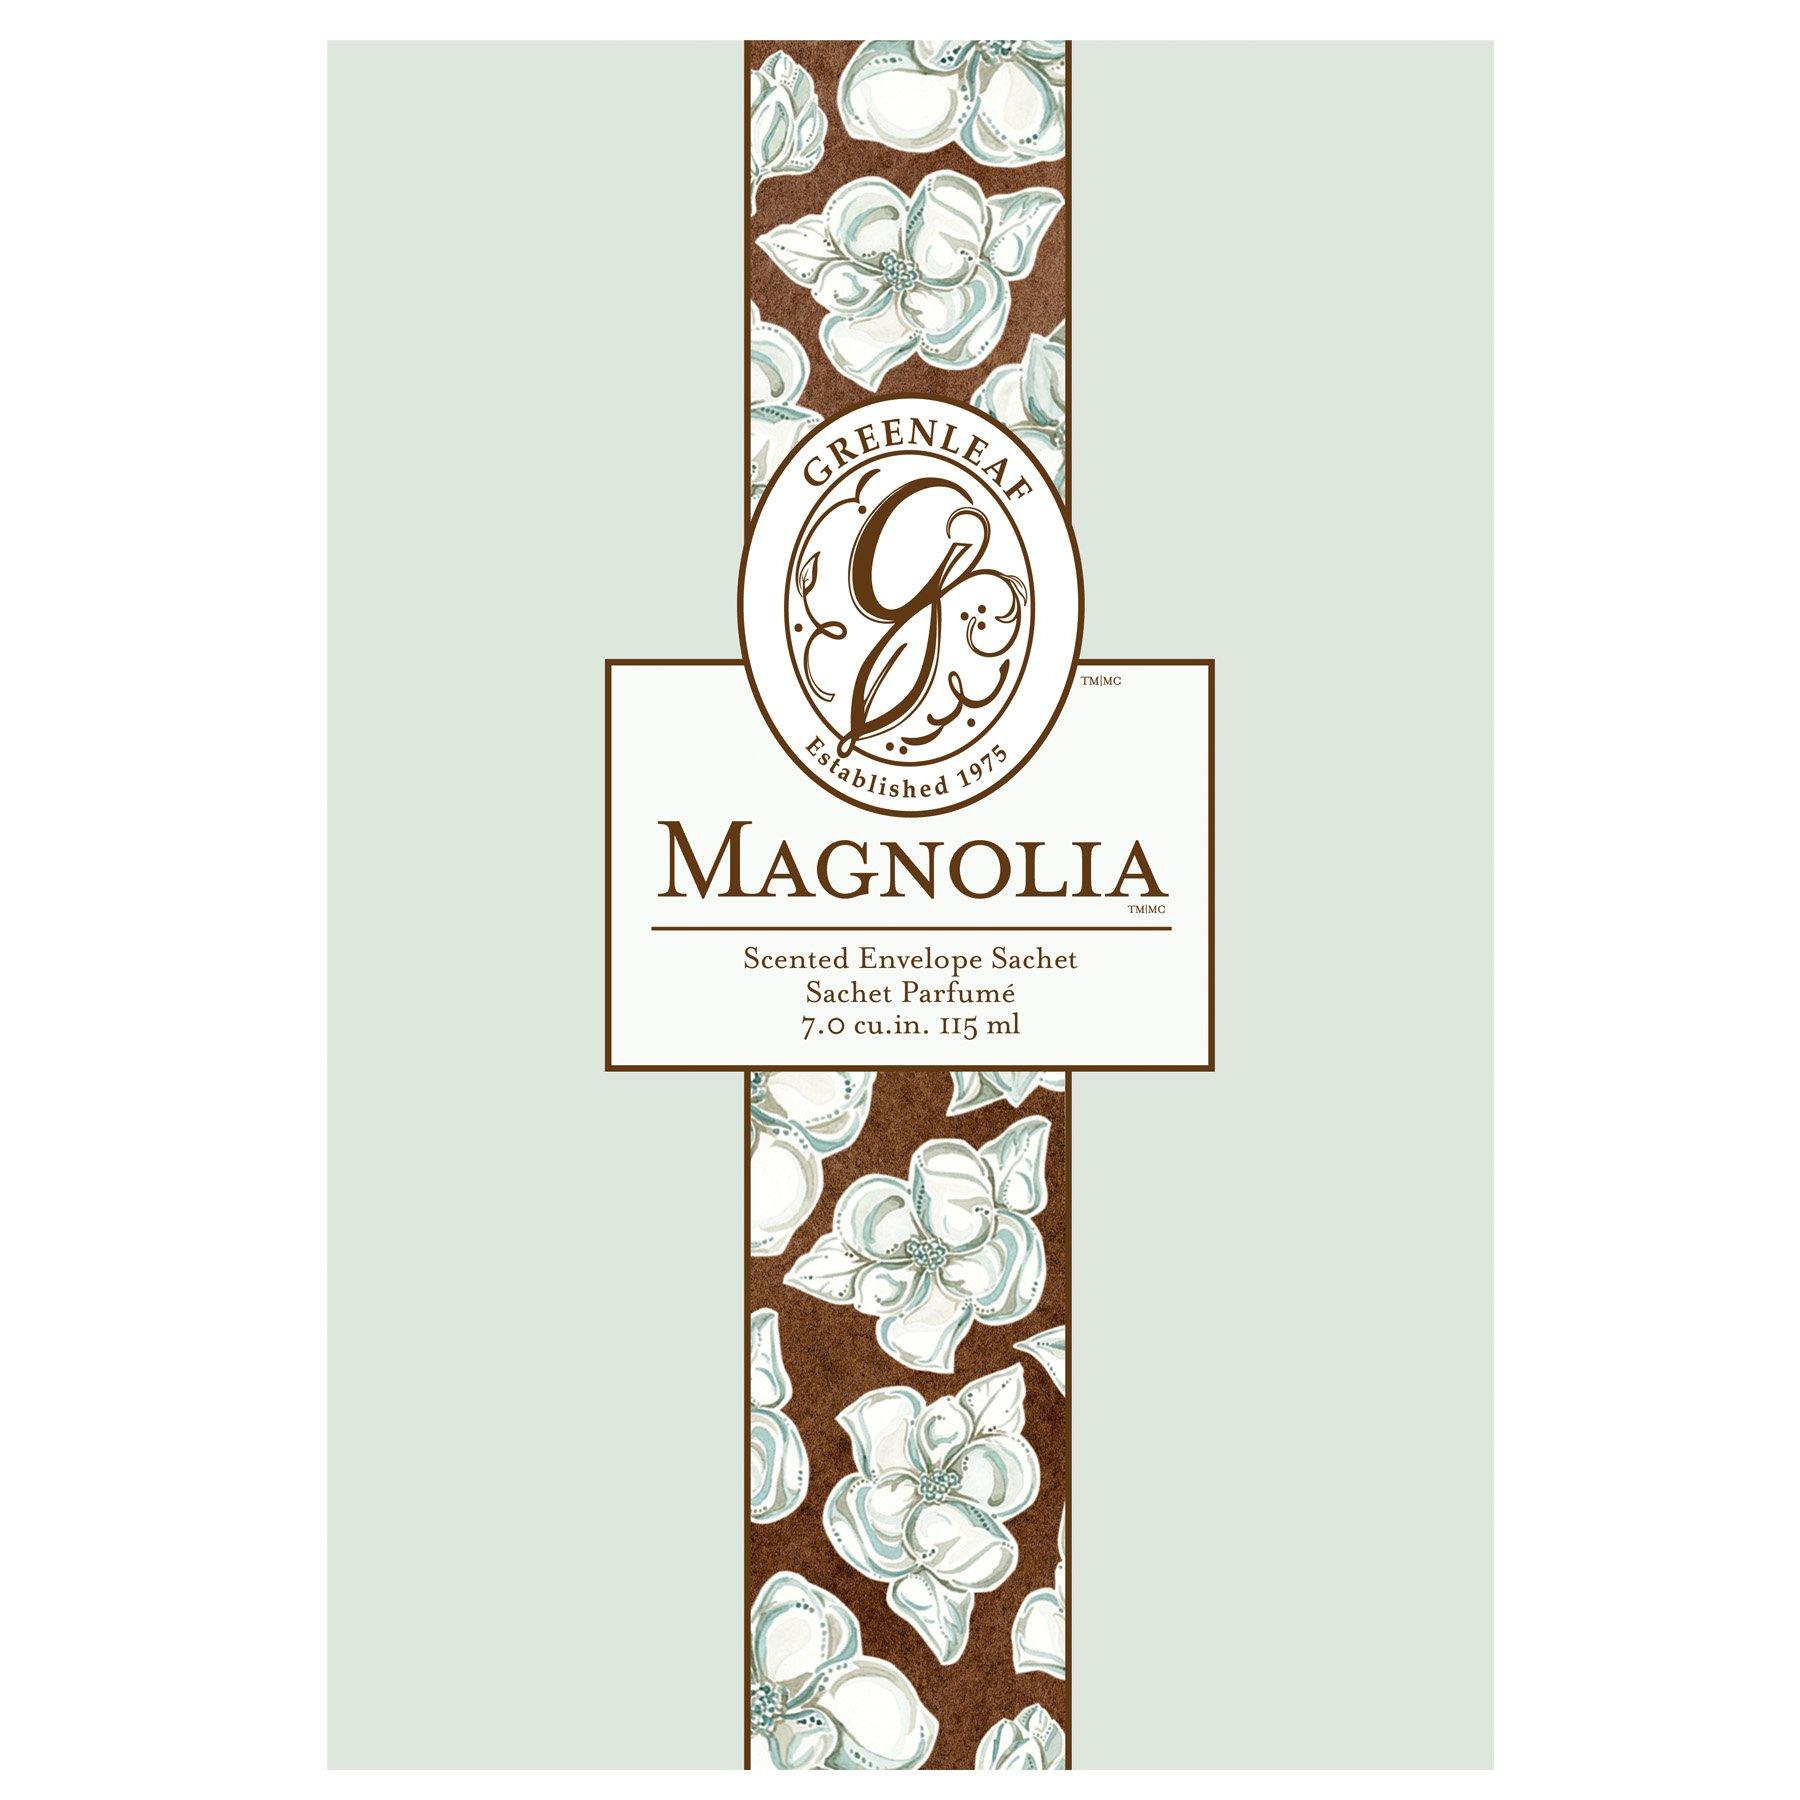 GREENLEAF Large Sachet Magnolia by GREENLEAF (Image #1)